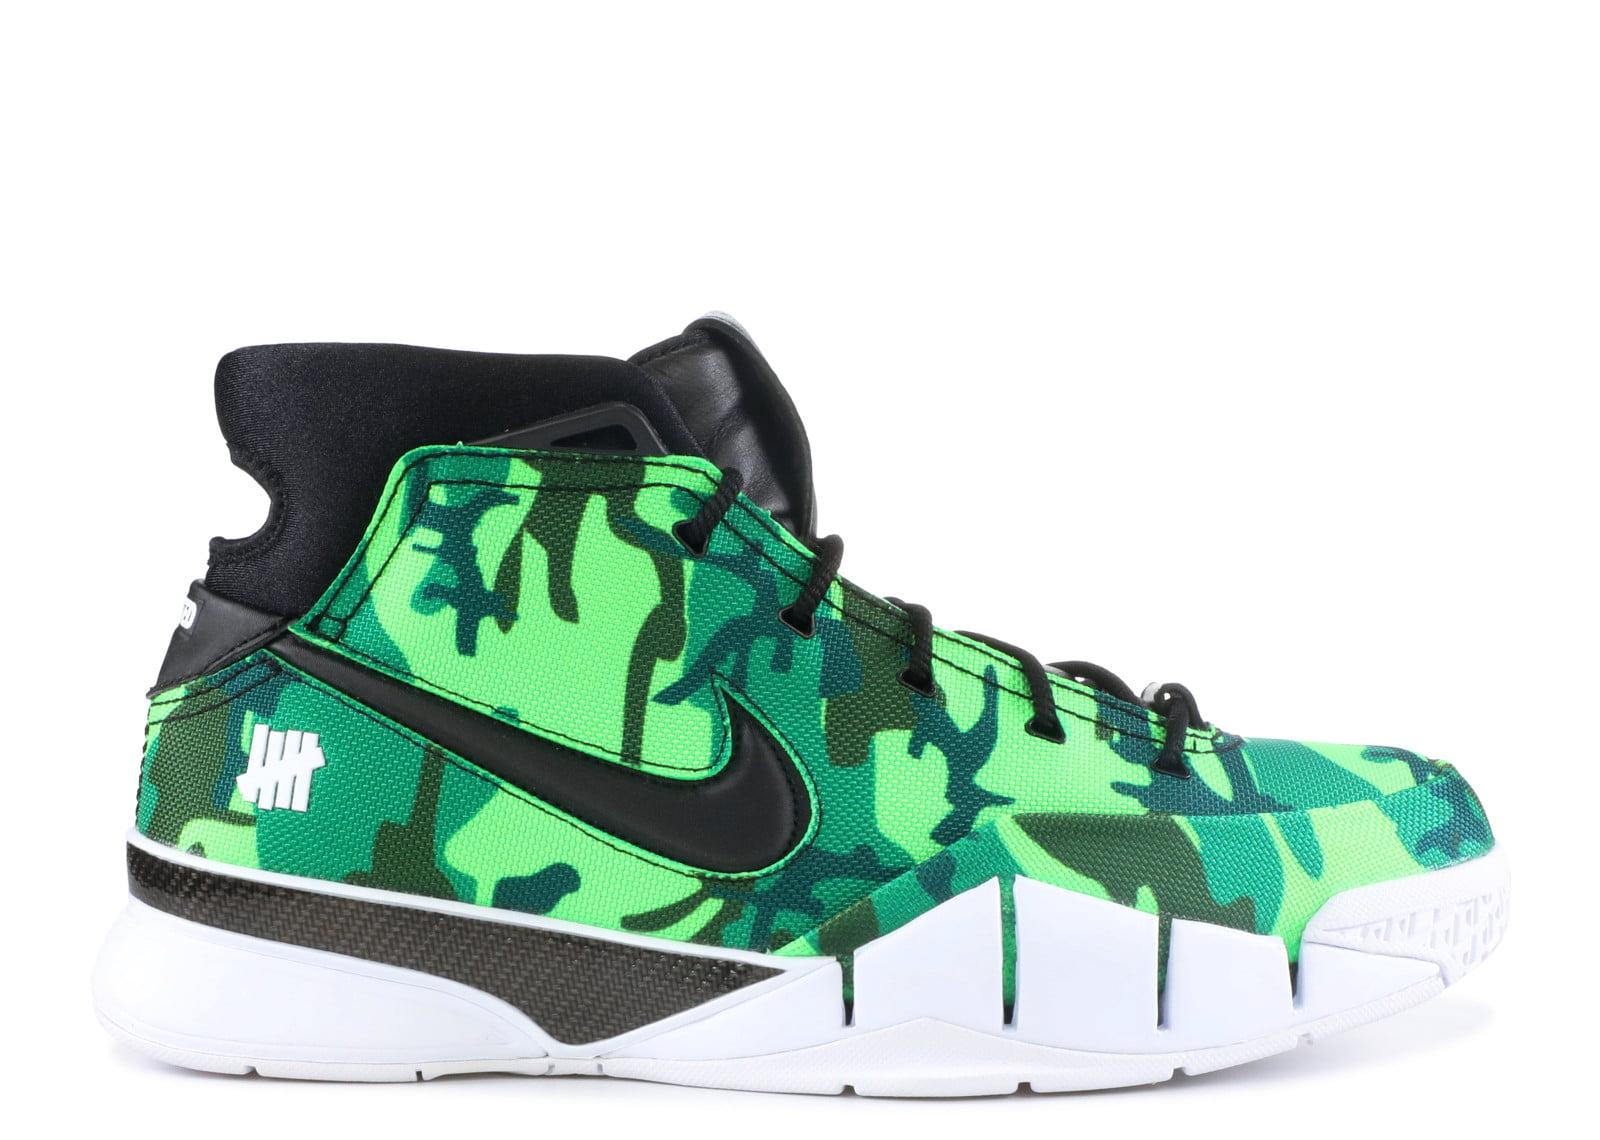 Nike - NIKE KOBE 1 PROTRO UNDEFEATED